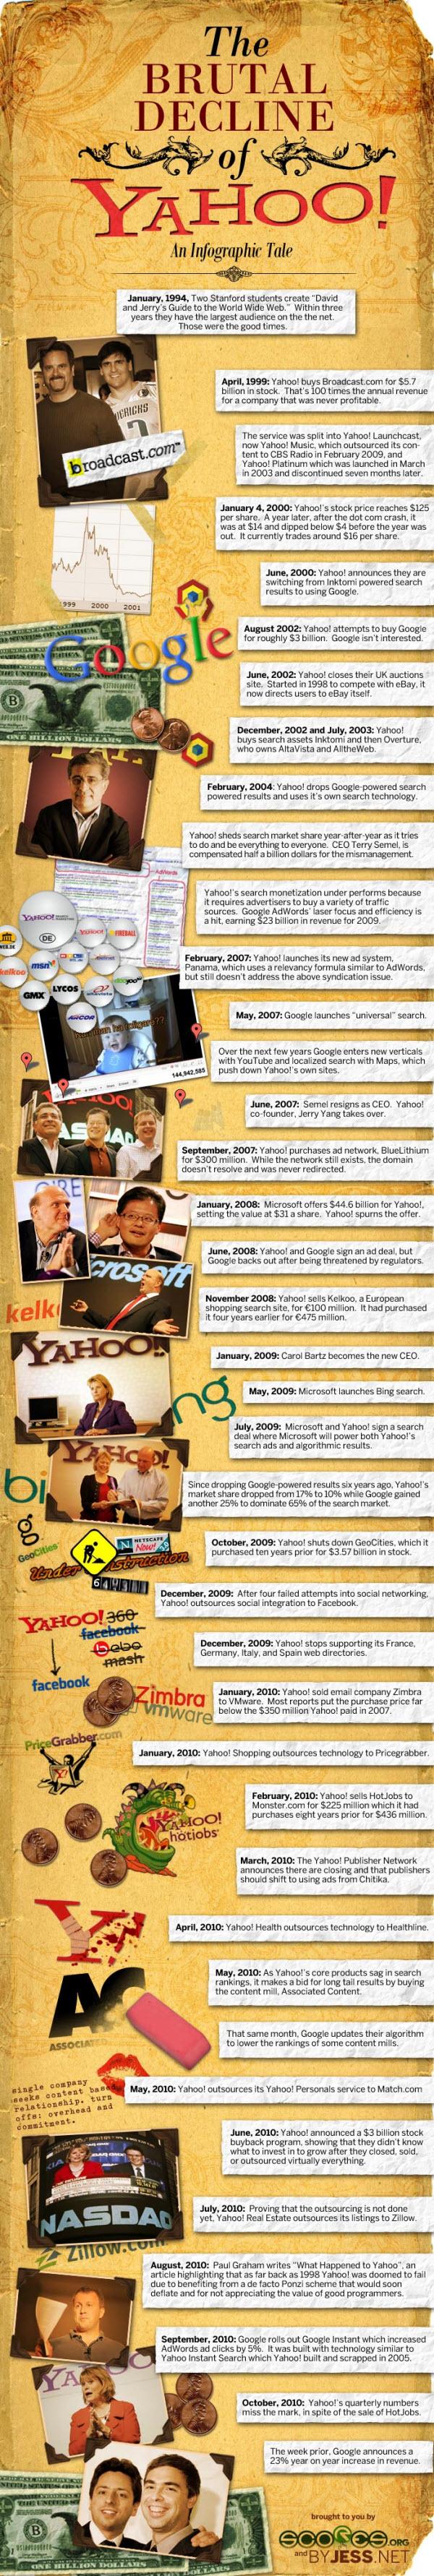 La chute de Yahoo